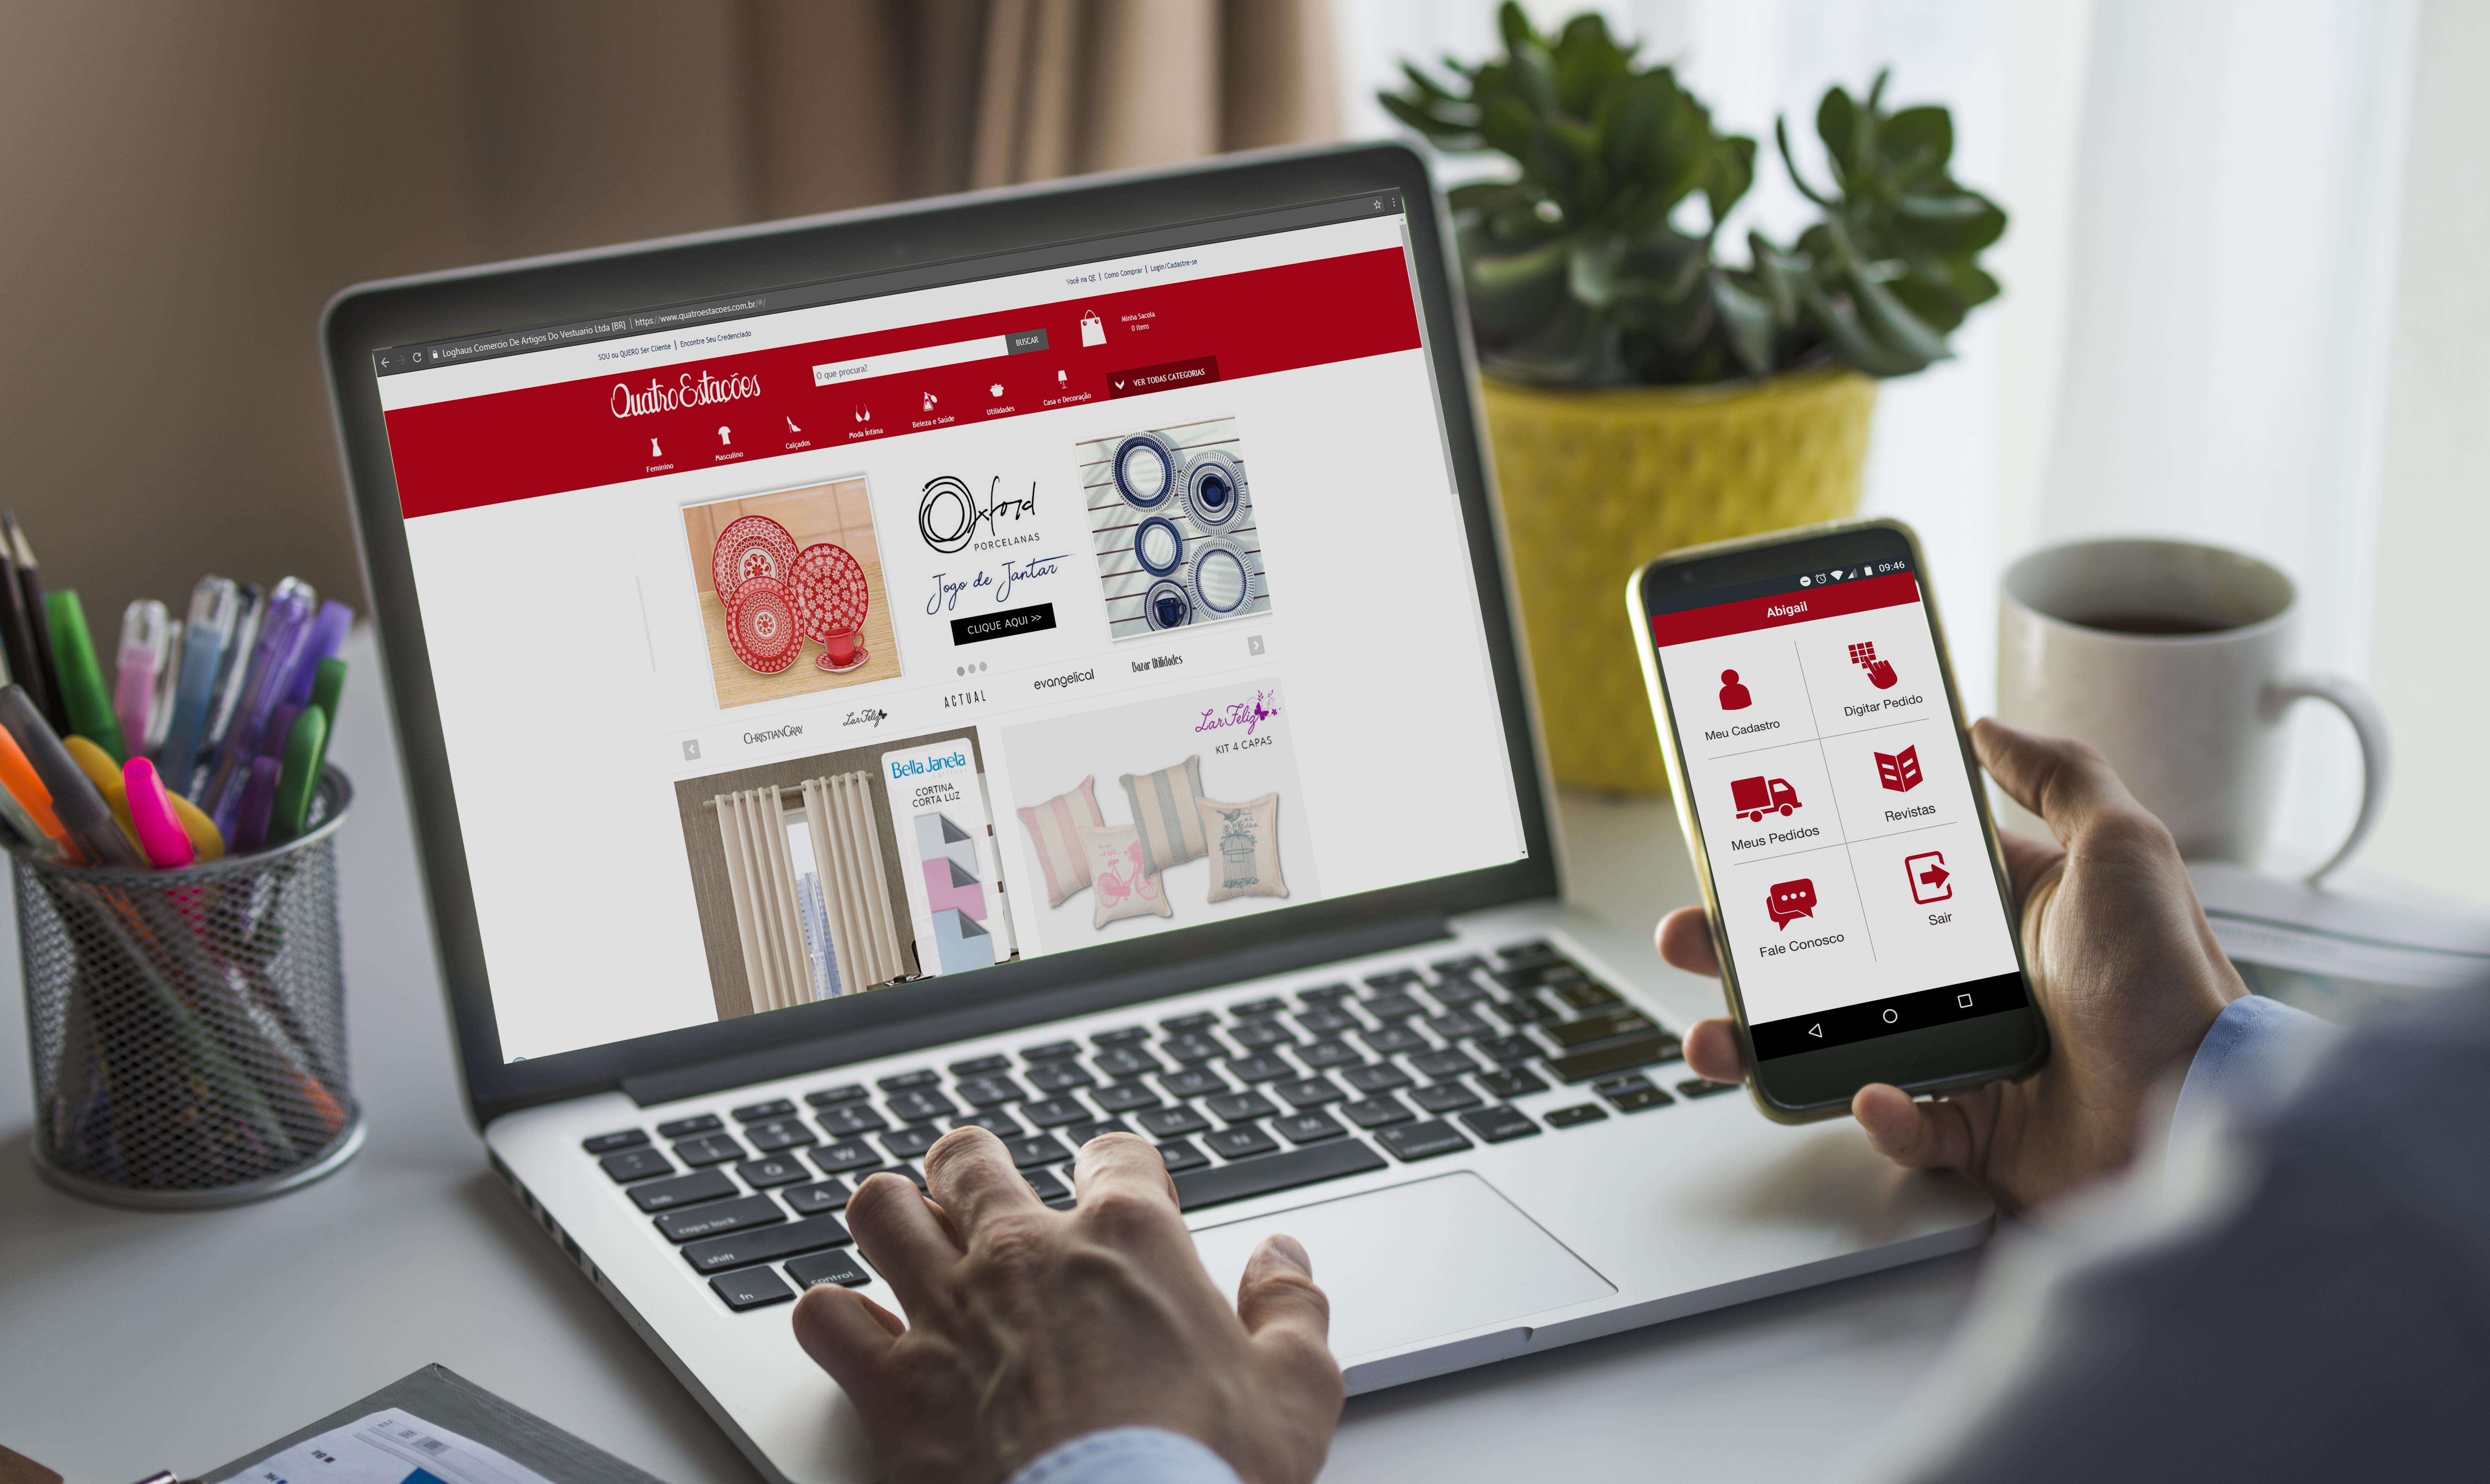 ... consultar os produtos através do Aplicativo Pedidos Quatro Estações ou  do site www.quatroestacoes.com.br. Você também pode utilizar o aplicativo e  site ... 45eabcd963